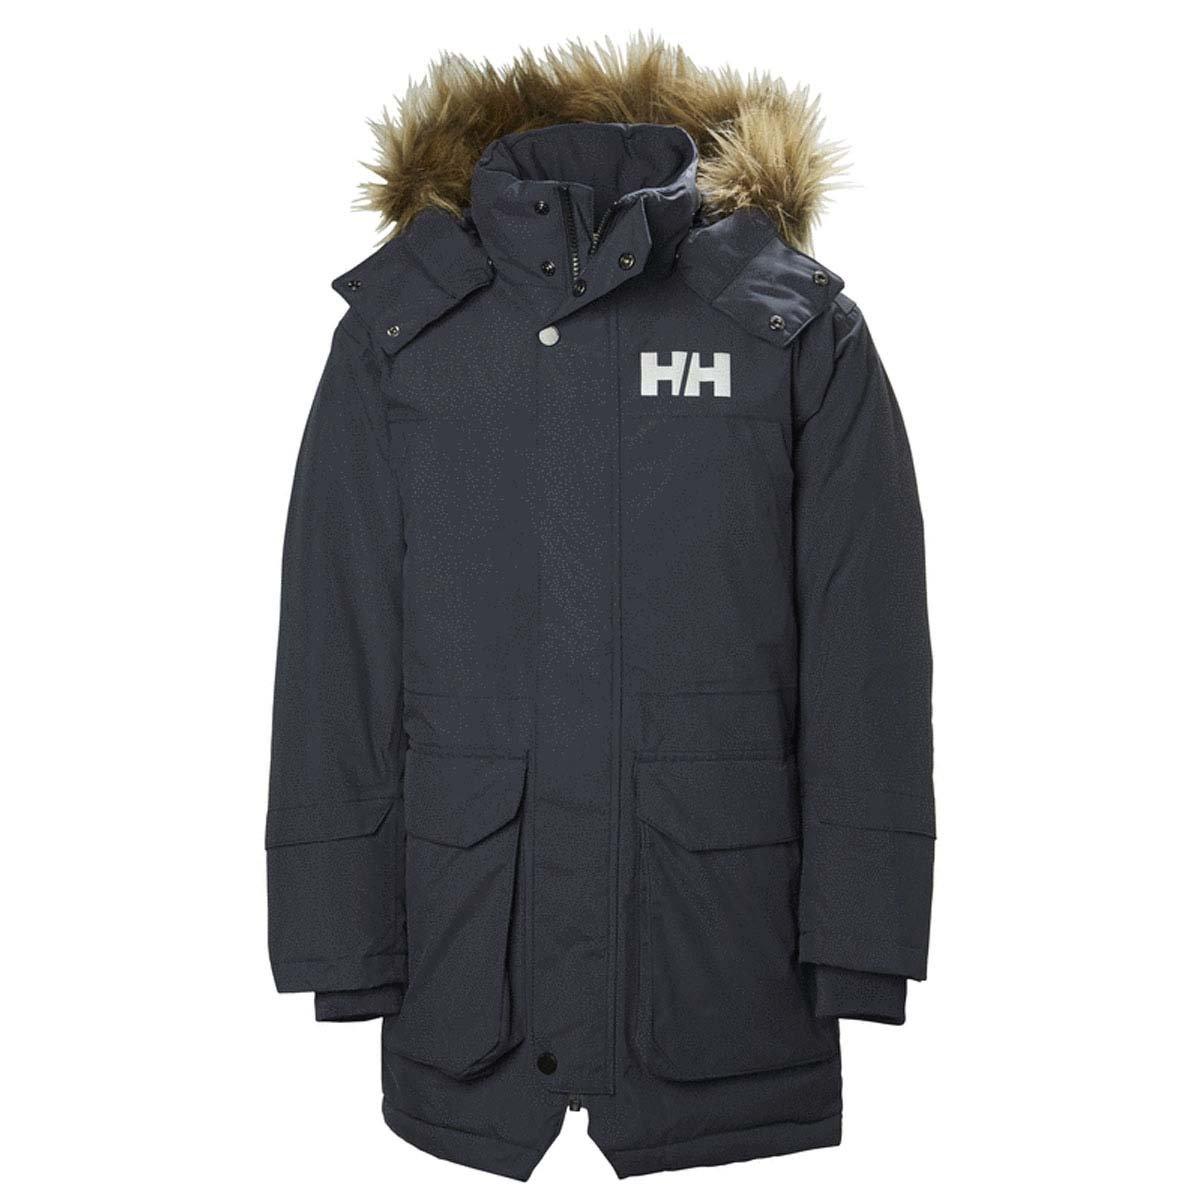 Helly Hansen K Bergen PU Impermeable Conjunto de Chaqueta y Pantalon Unisex ni/ños North Sea Blue 6 YRS